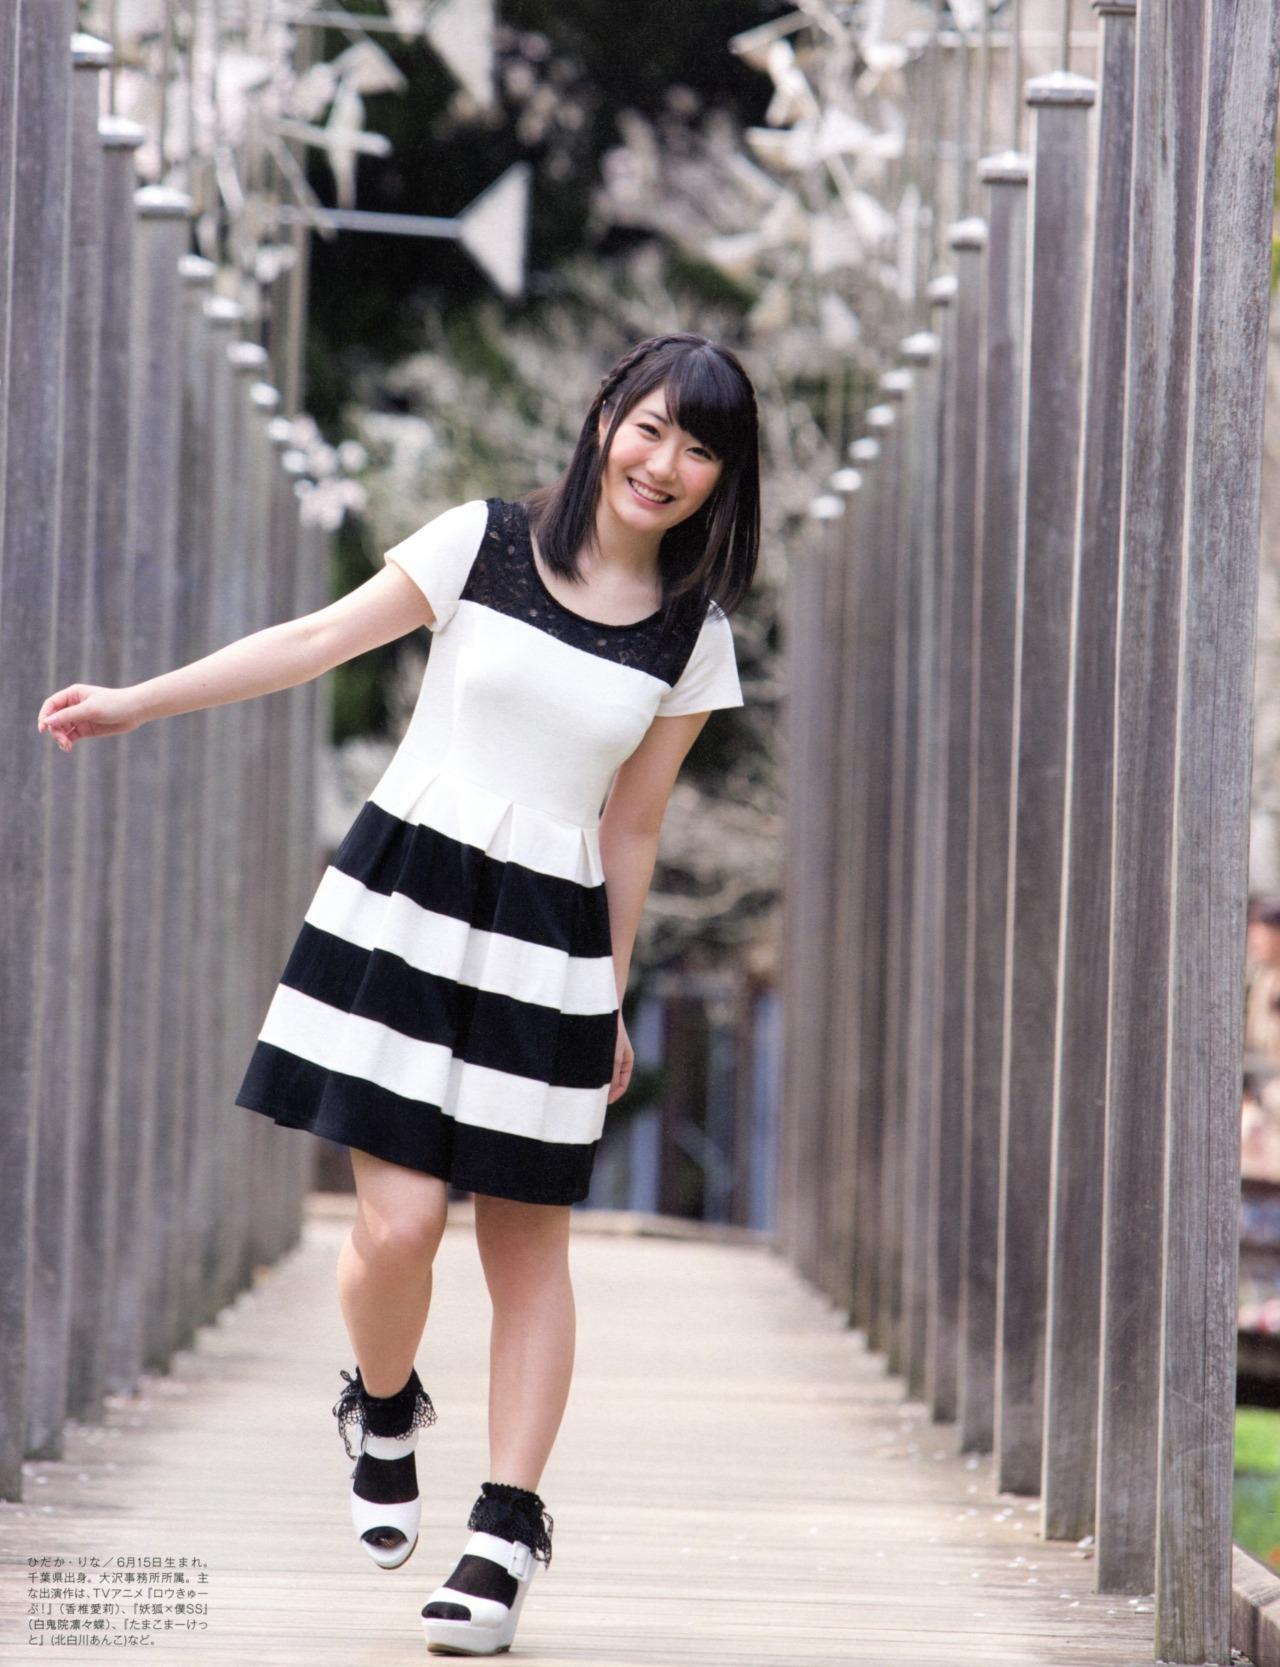 hidaka_rina078.jpg